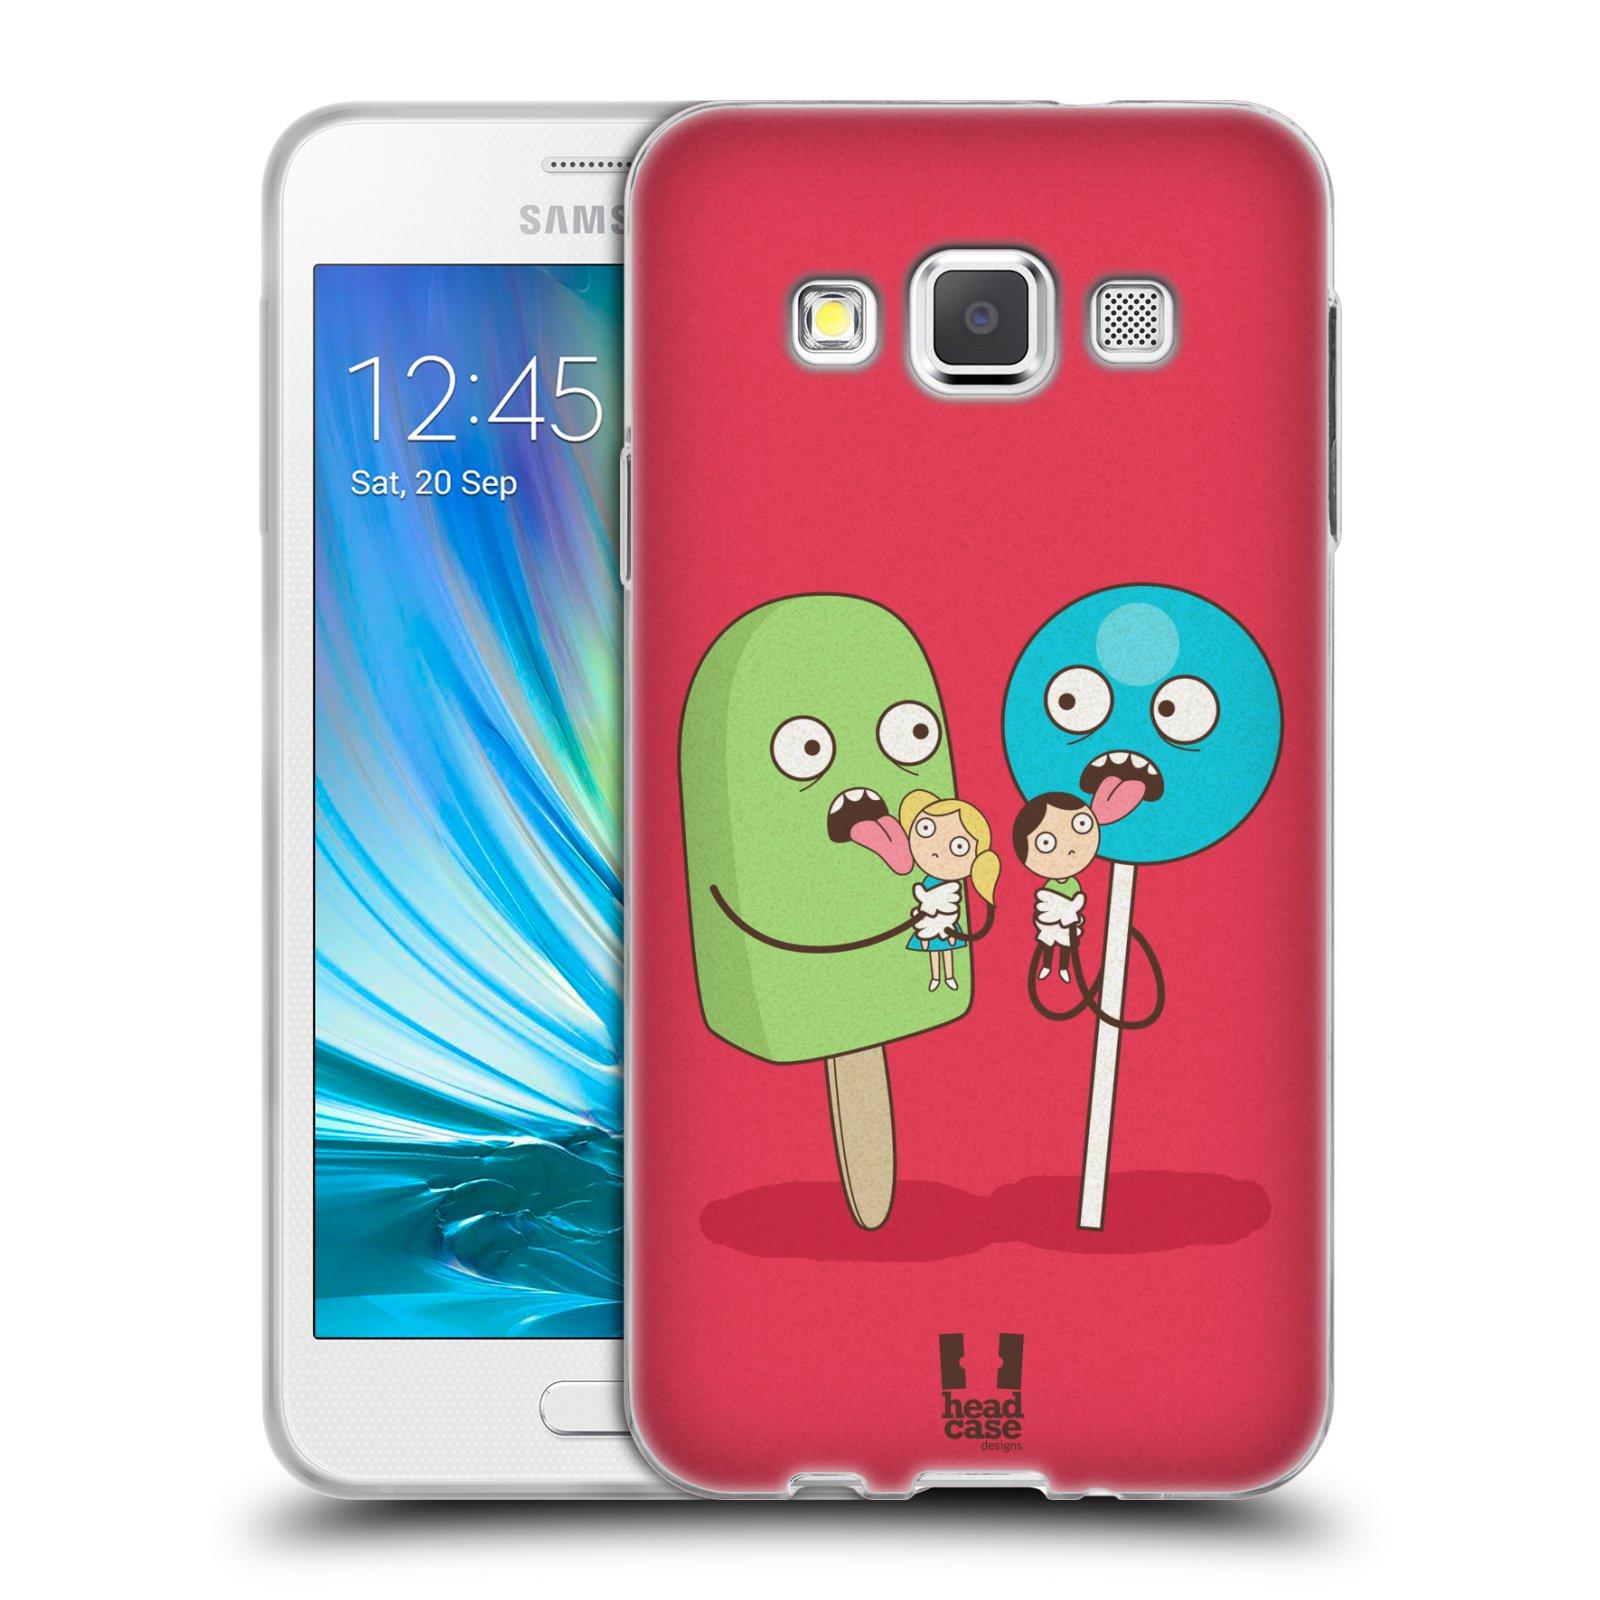 Silikonové pouzdro na mobil Samsung Galaxy A3 HEAD CASE DEN NARUBY LÍZÁTKA